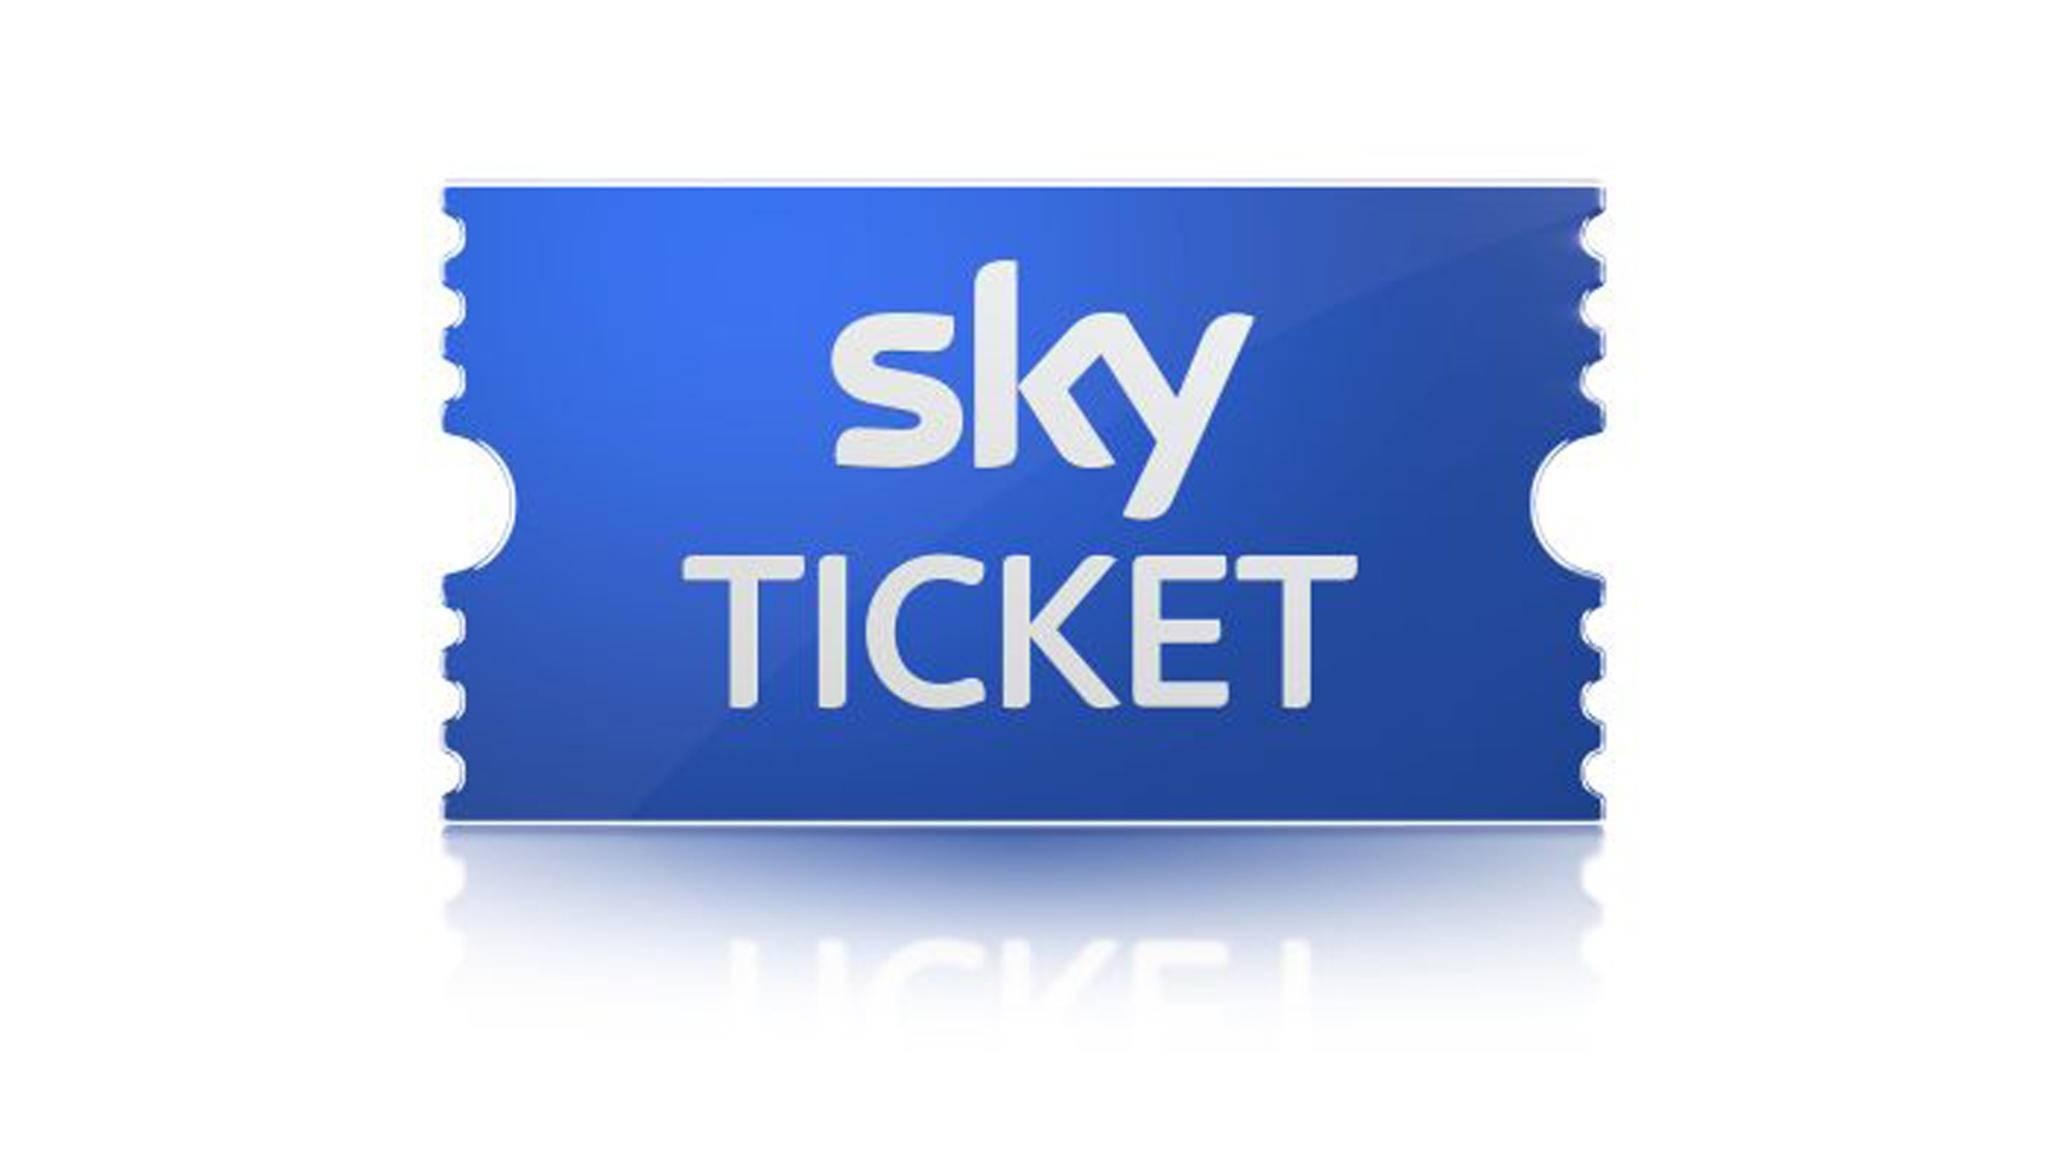 Können die Serieninhalte von Sky Ticket von mehreren Personen gleichzeitig gestreamt werden?